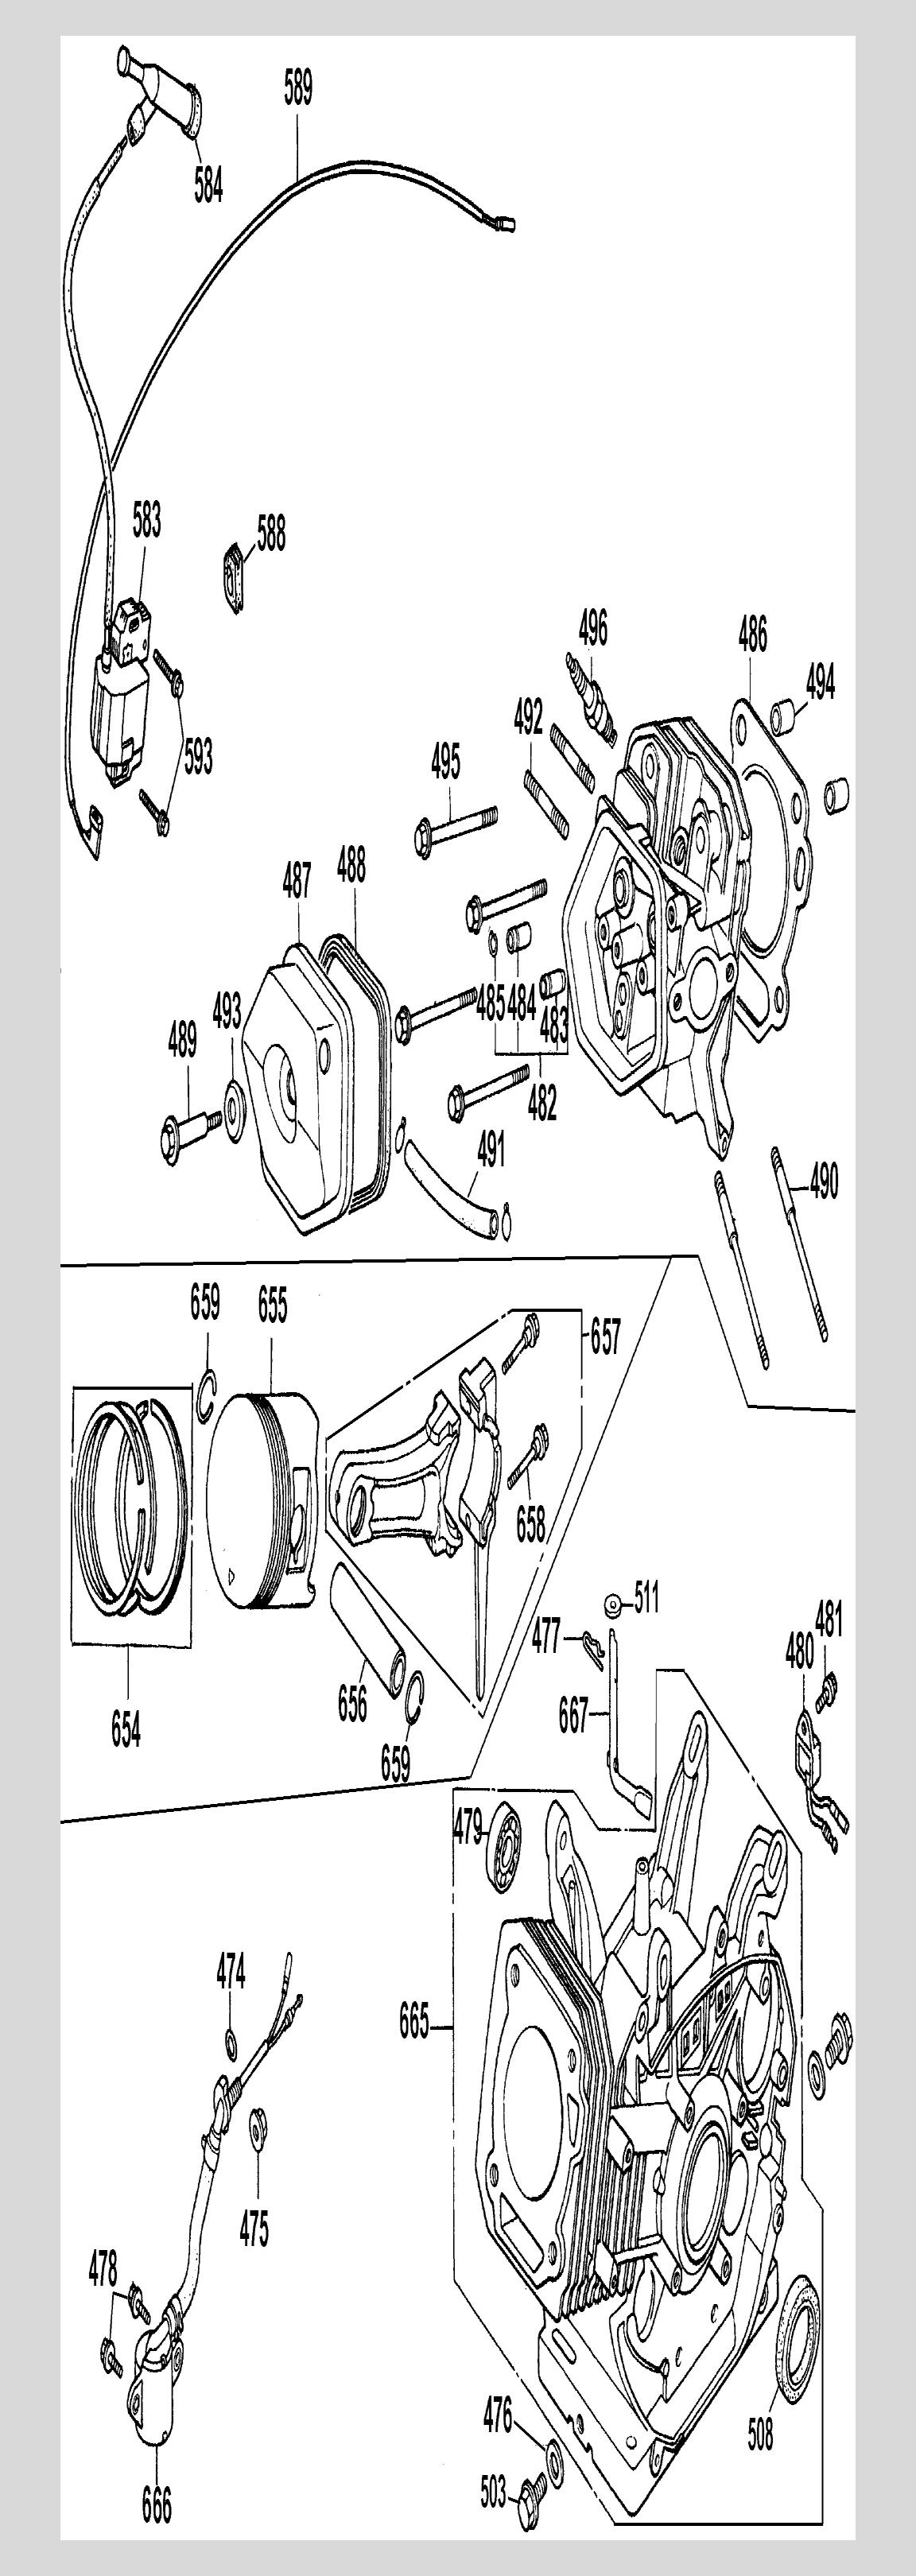 D55275-T3-Dewalt-PB-5Break Down